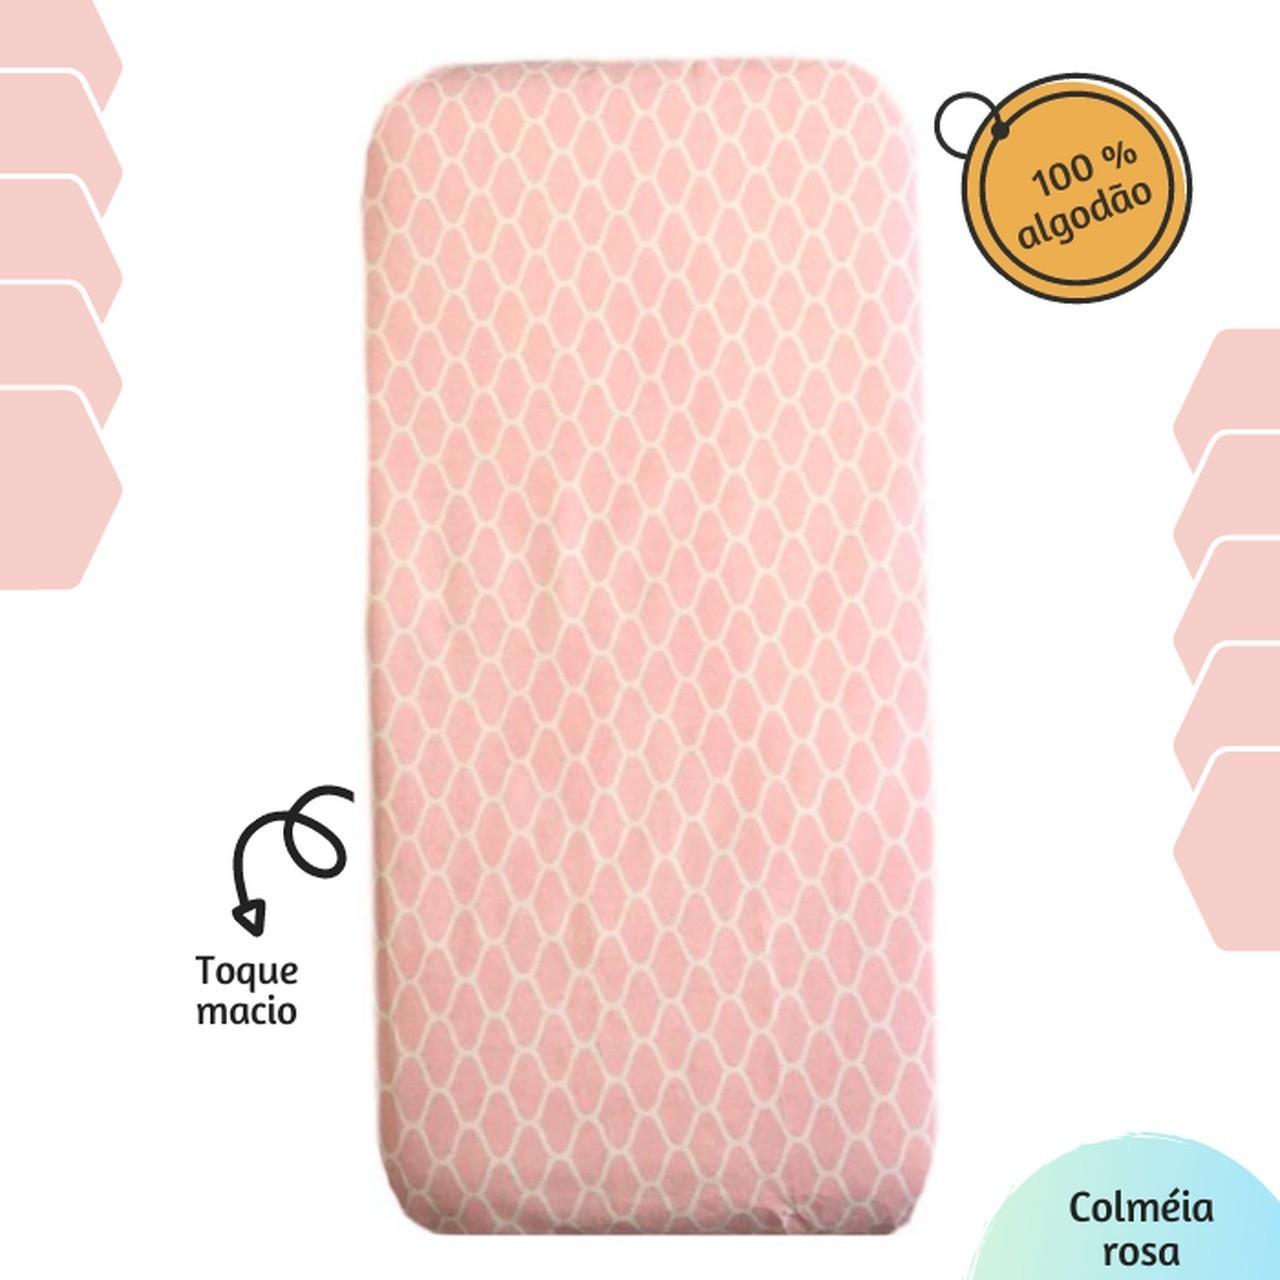 Lençol com elástico solteiro 88 x 188 cm Colmeia rosa